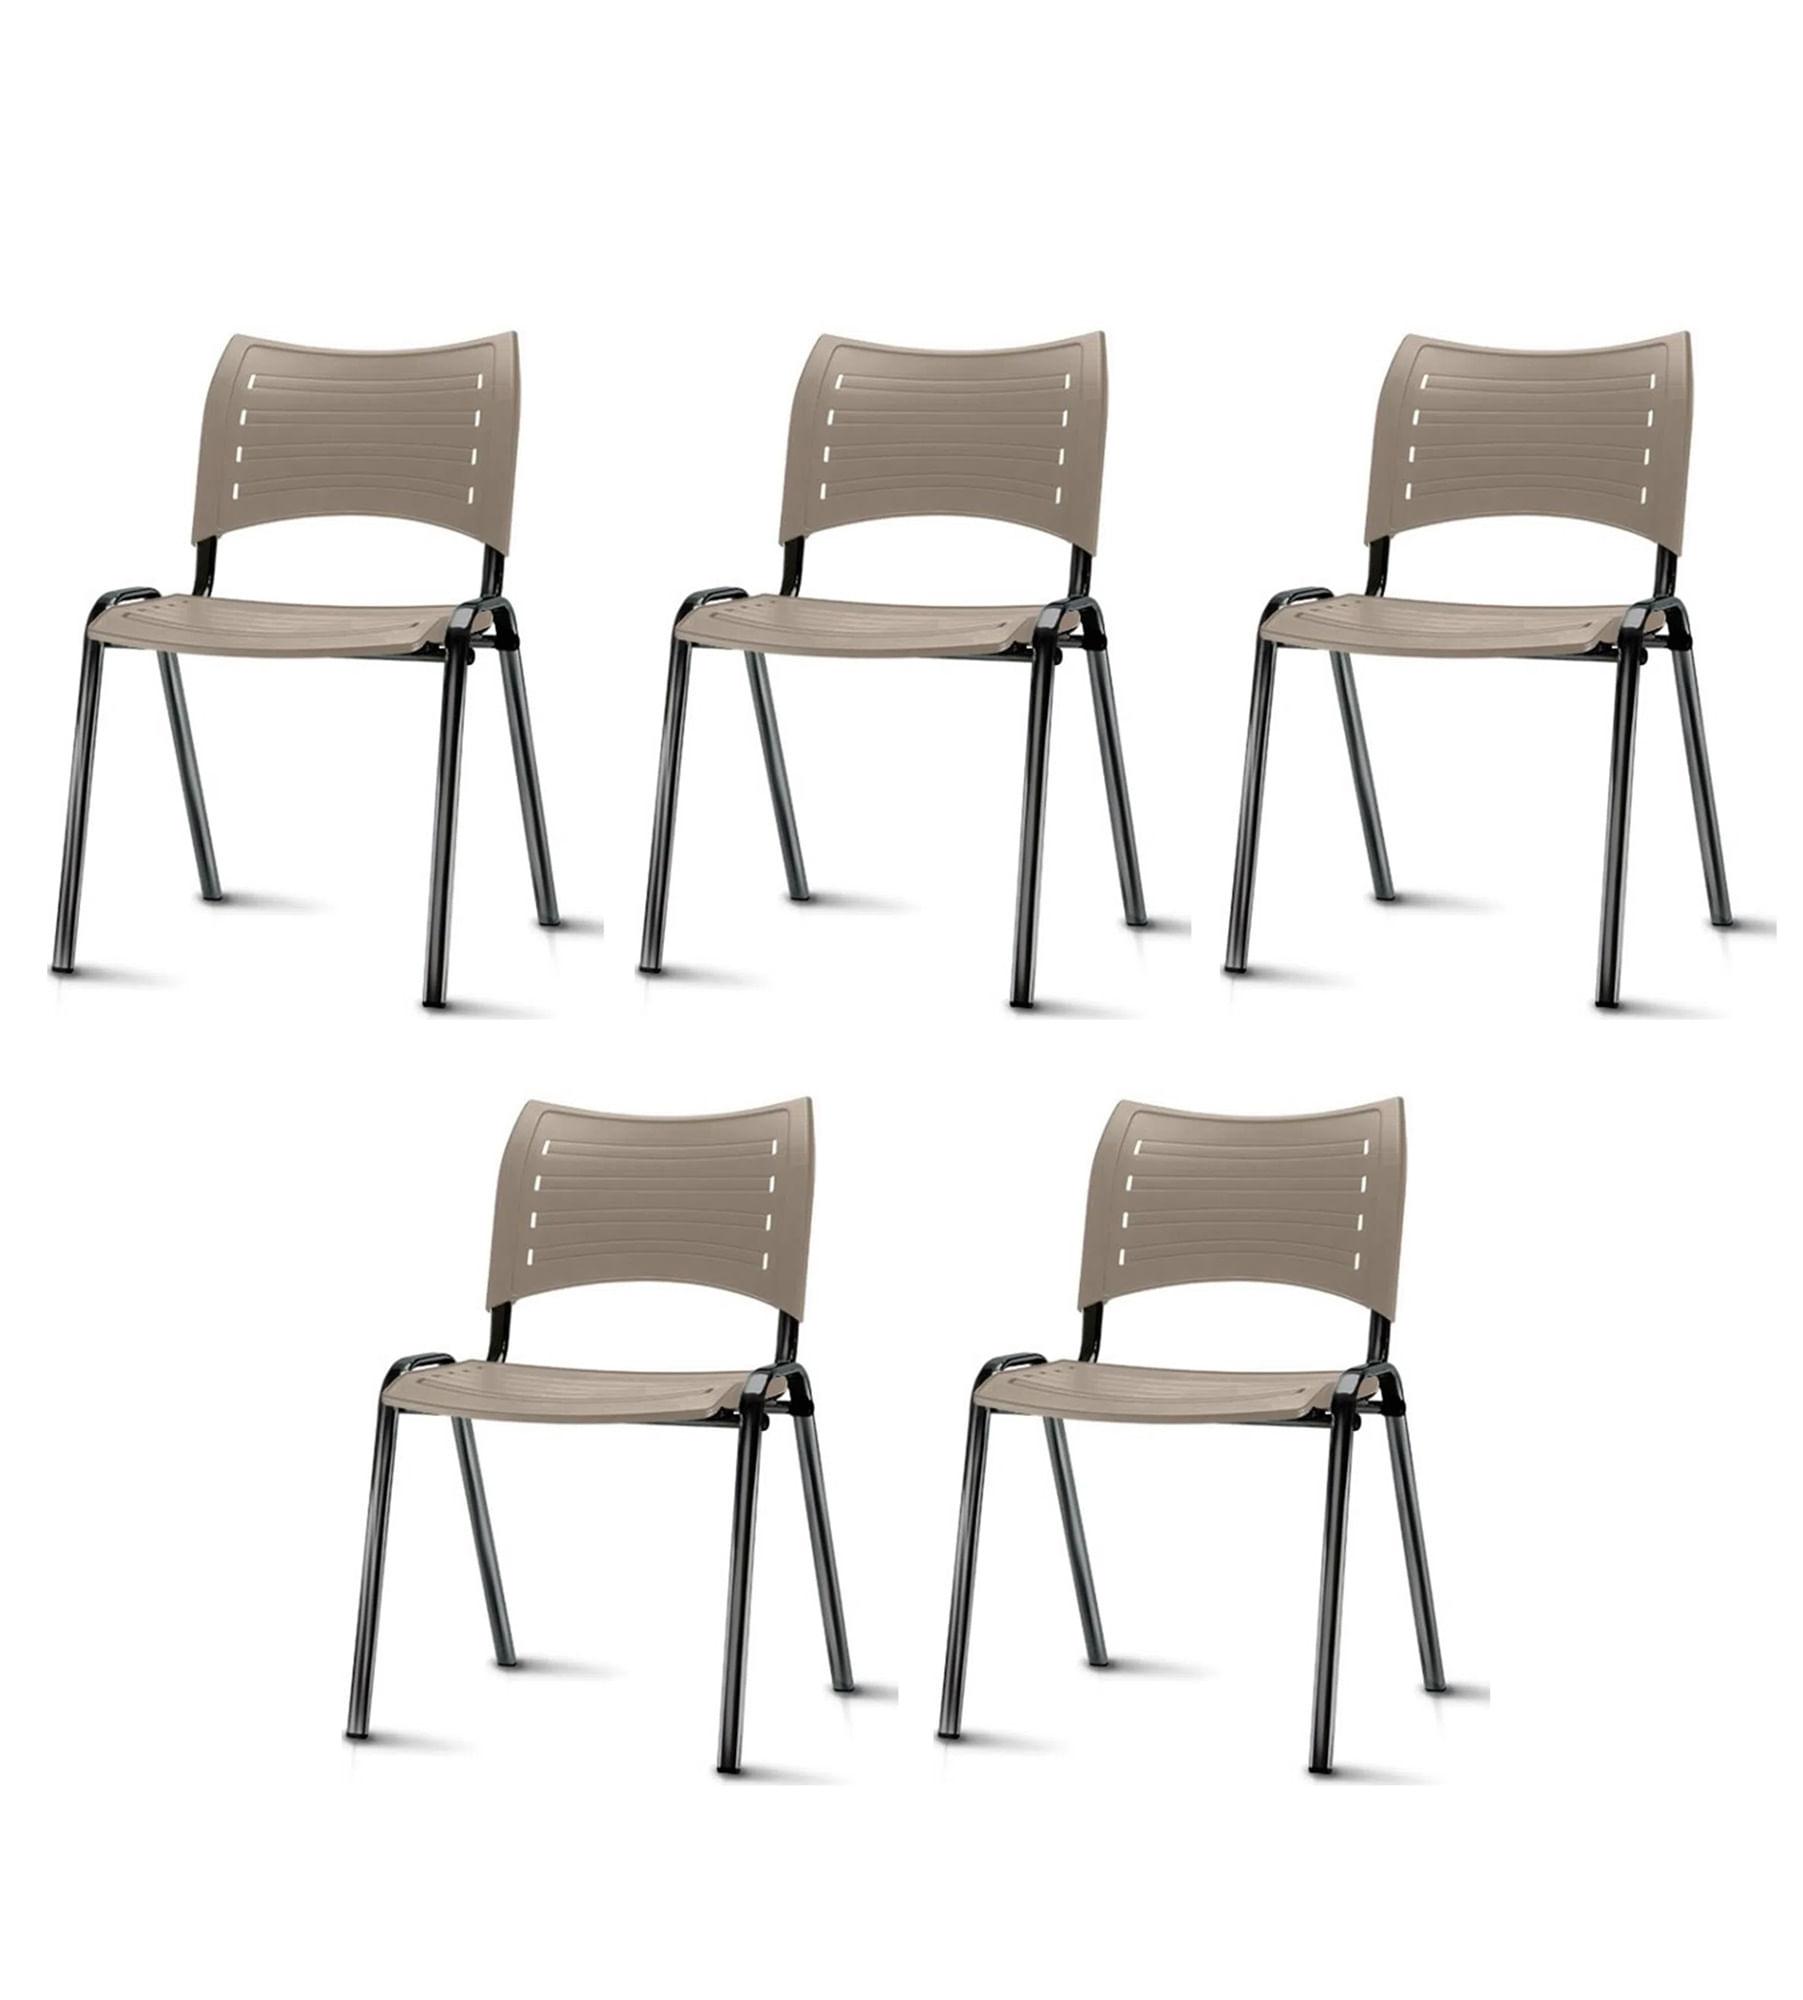 Kit 5 Cadeiras Iso Assento Bege Base Preta - 57929